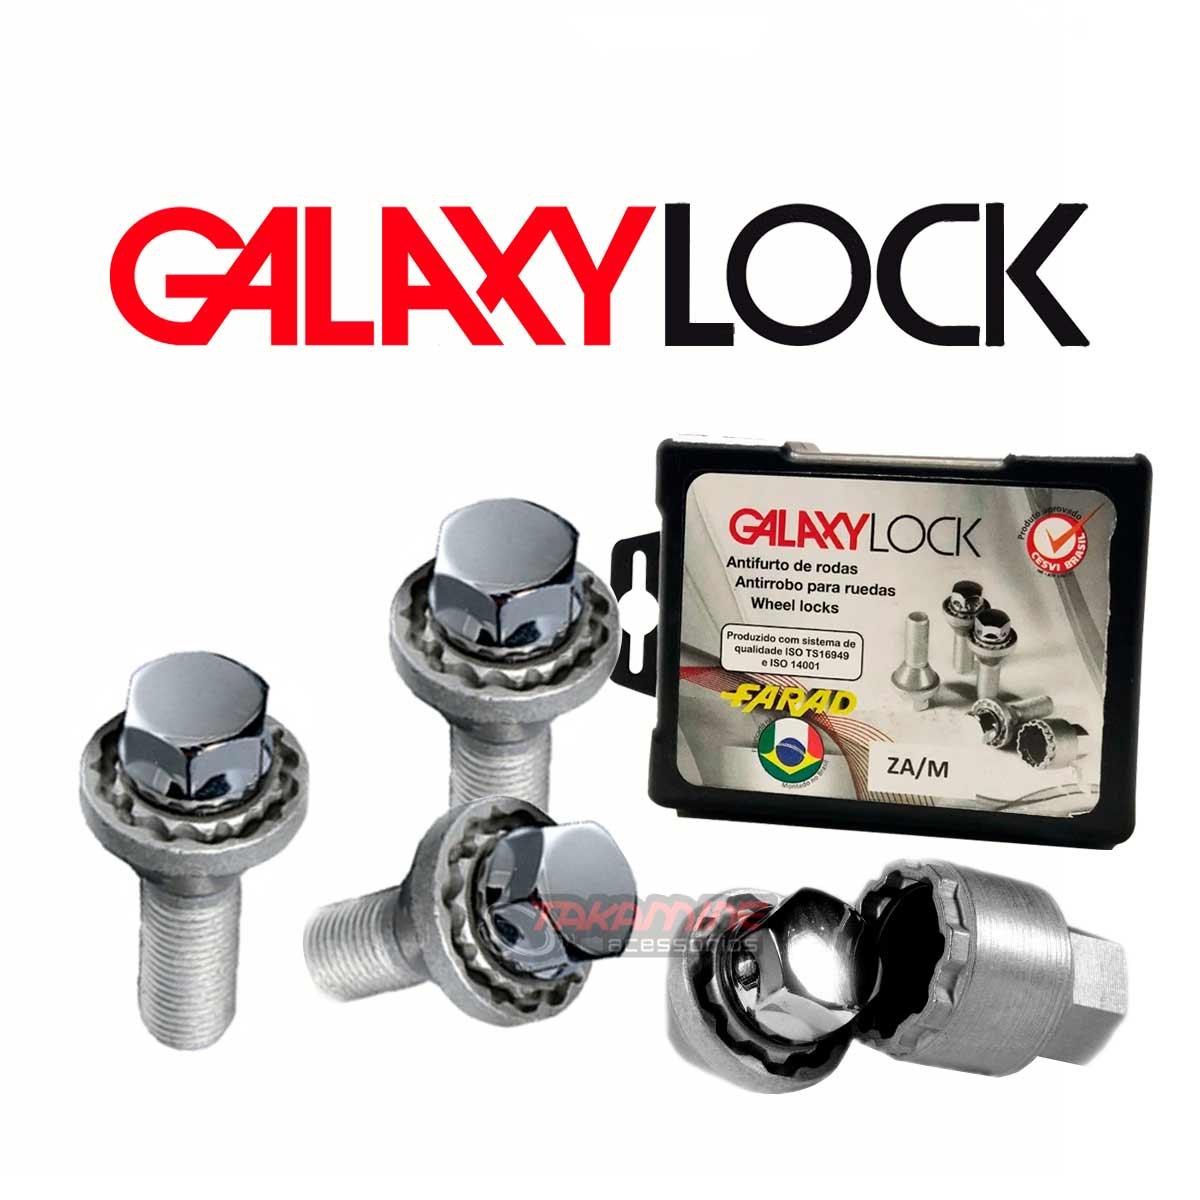 Parafuso antifurto para rodas Galaxy Lock Berlingo 1996 até 2020 BE8/M